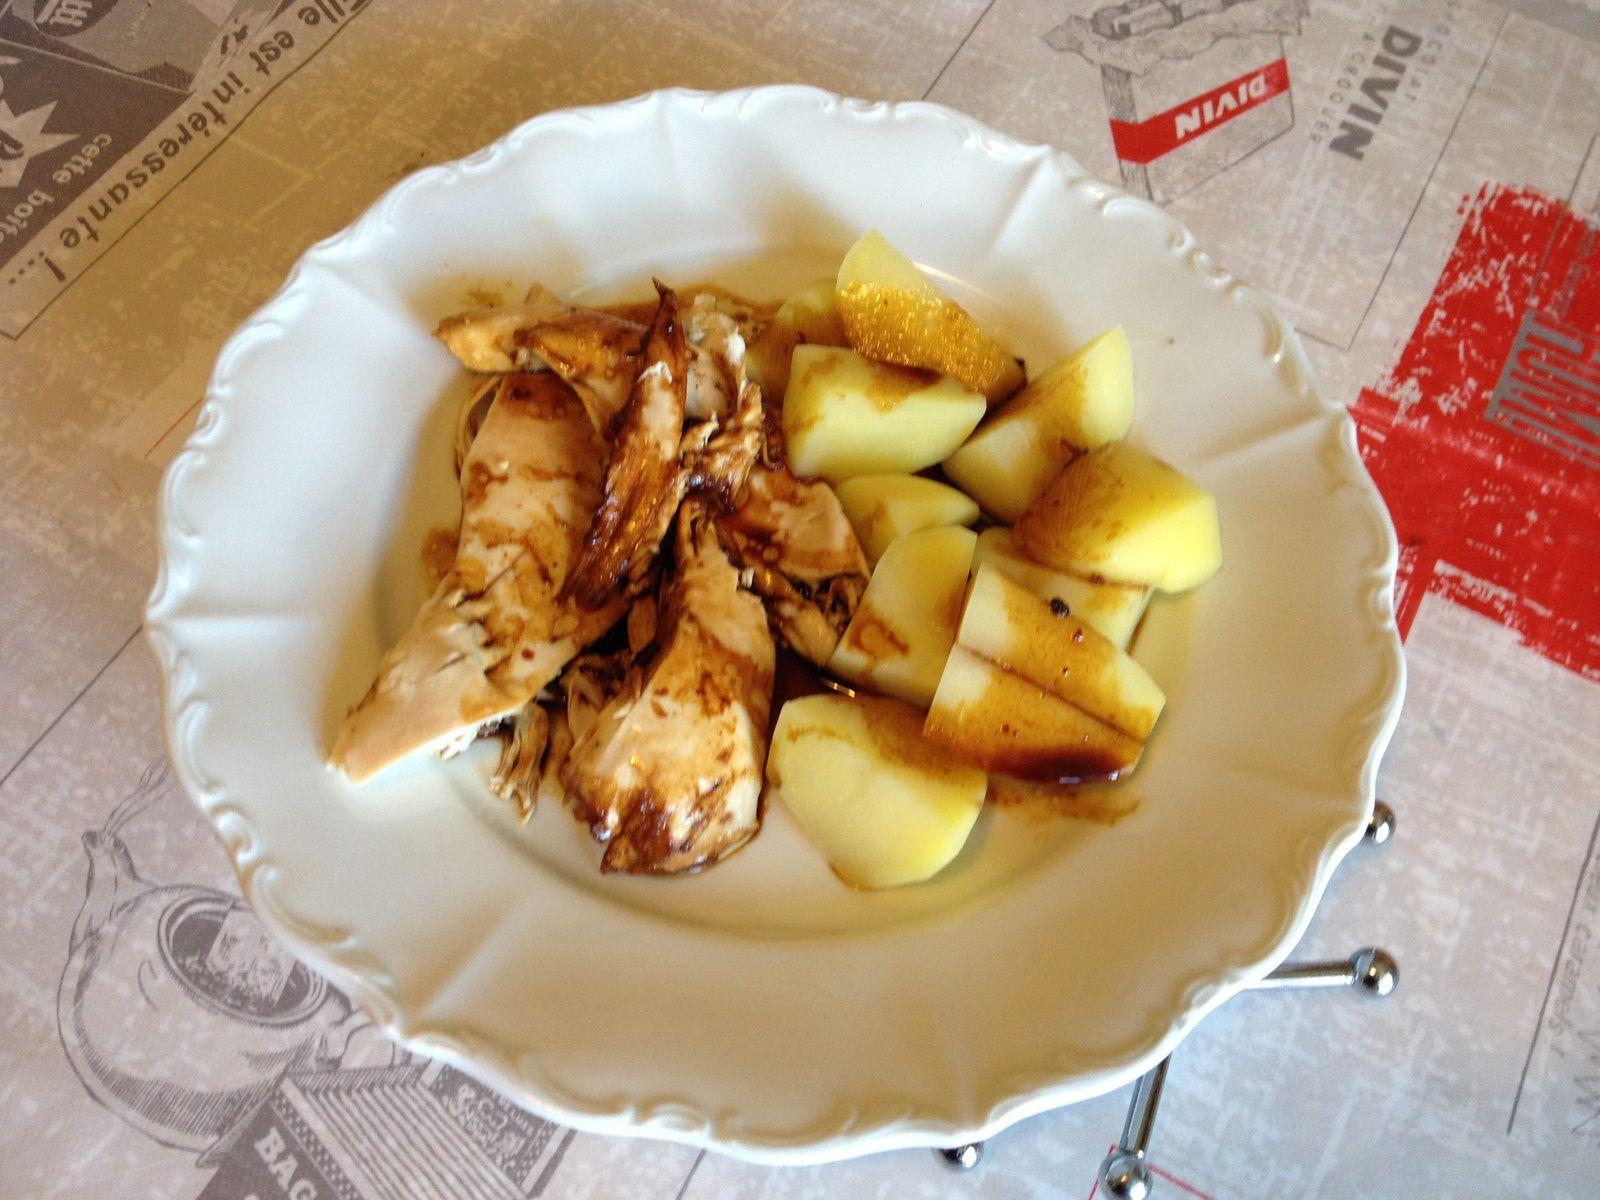 s'accorde tres bien avec des pommes de terre vapeur